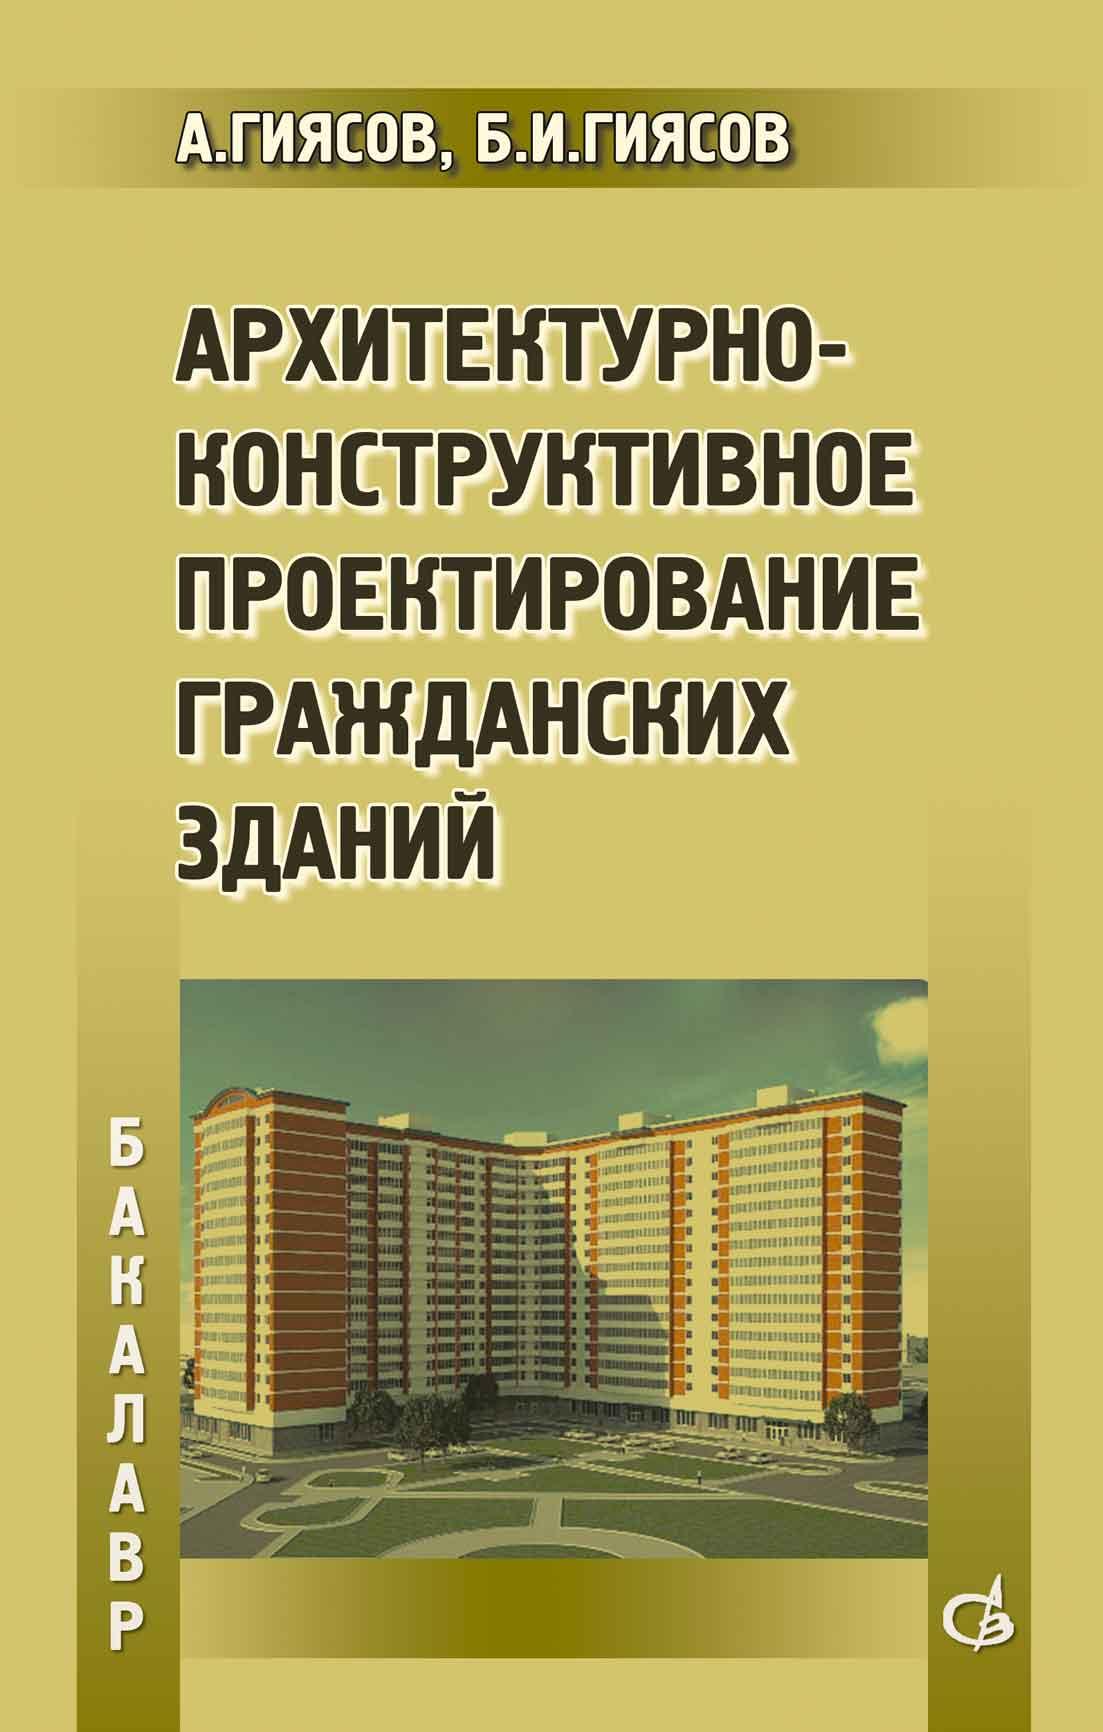 А. И. Гиясов Архитектурно-конструктивное проектирование гражданских зданий с г опарин а а леонтьев архитектурно строительное проектирование учебник и практикум